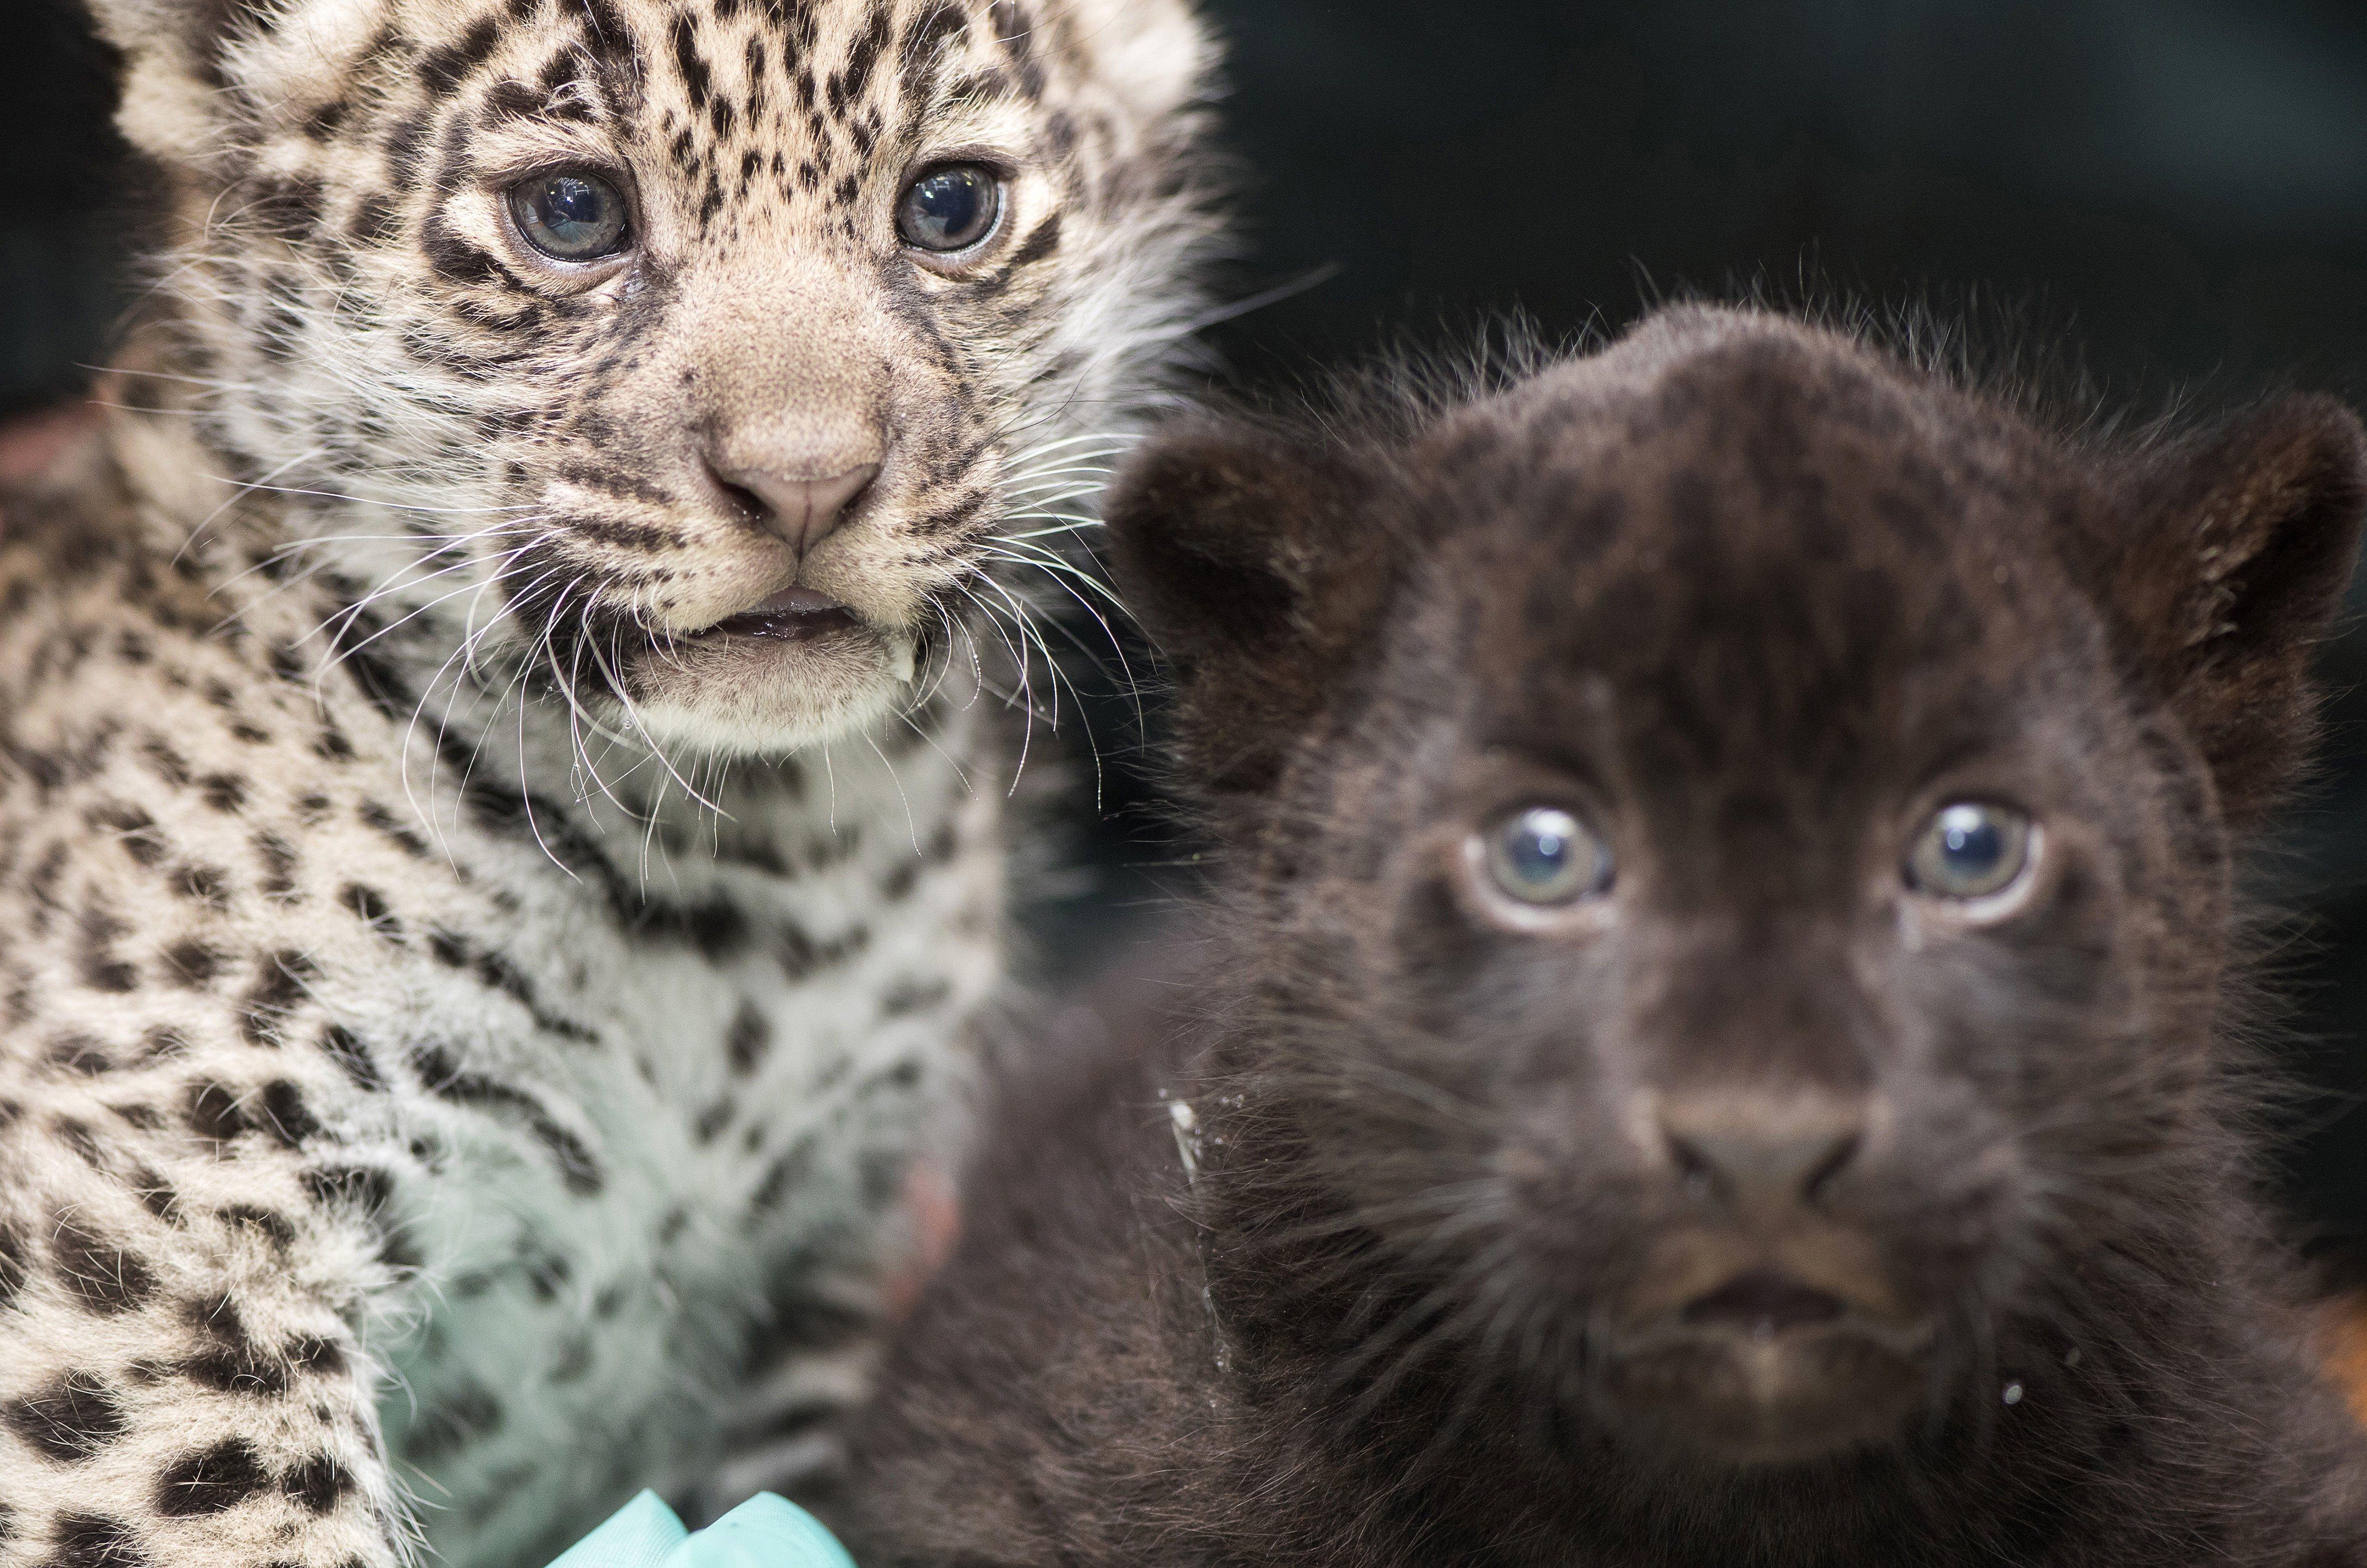 Tíz vándorló állatfaj kaphat nagyobb védelmet a vadászattal szemben